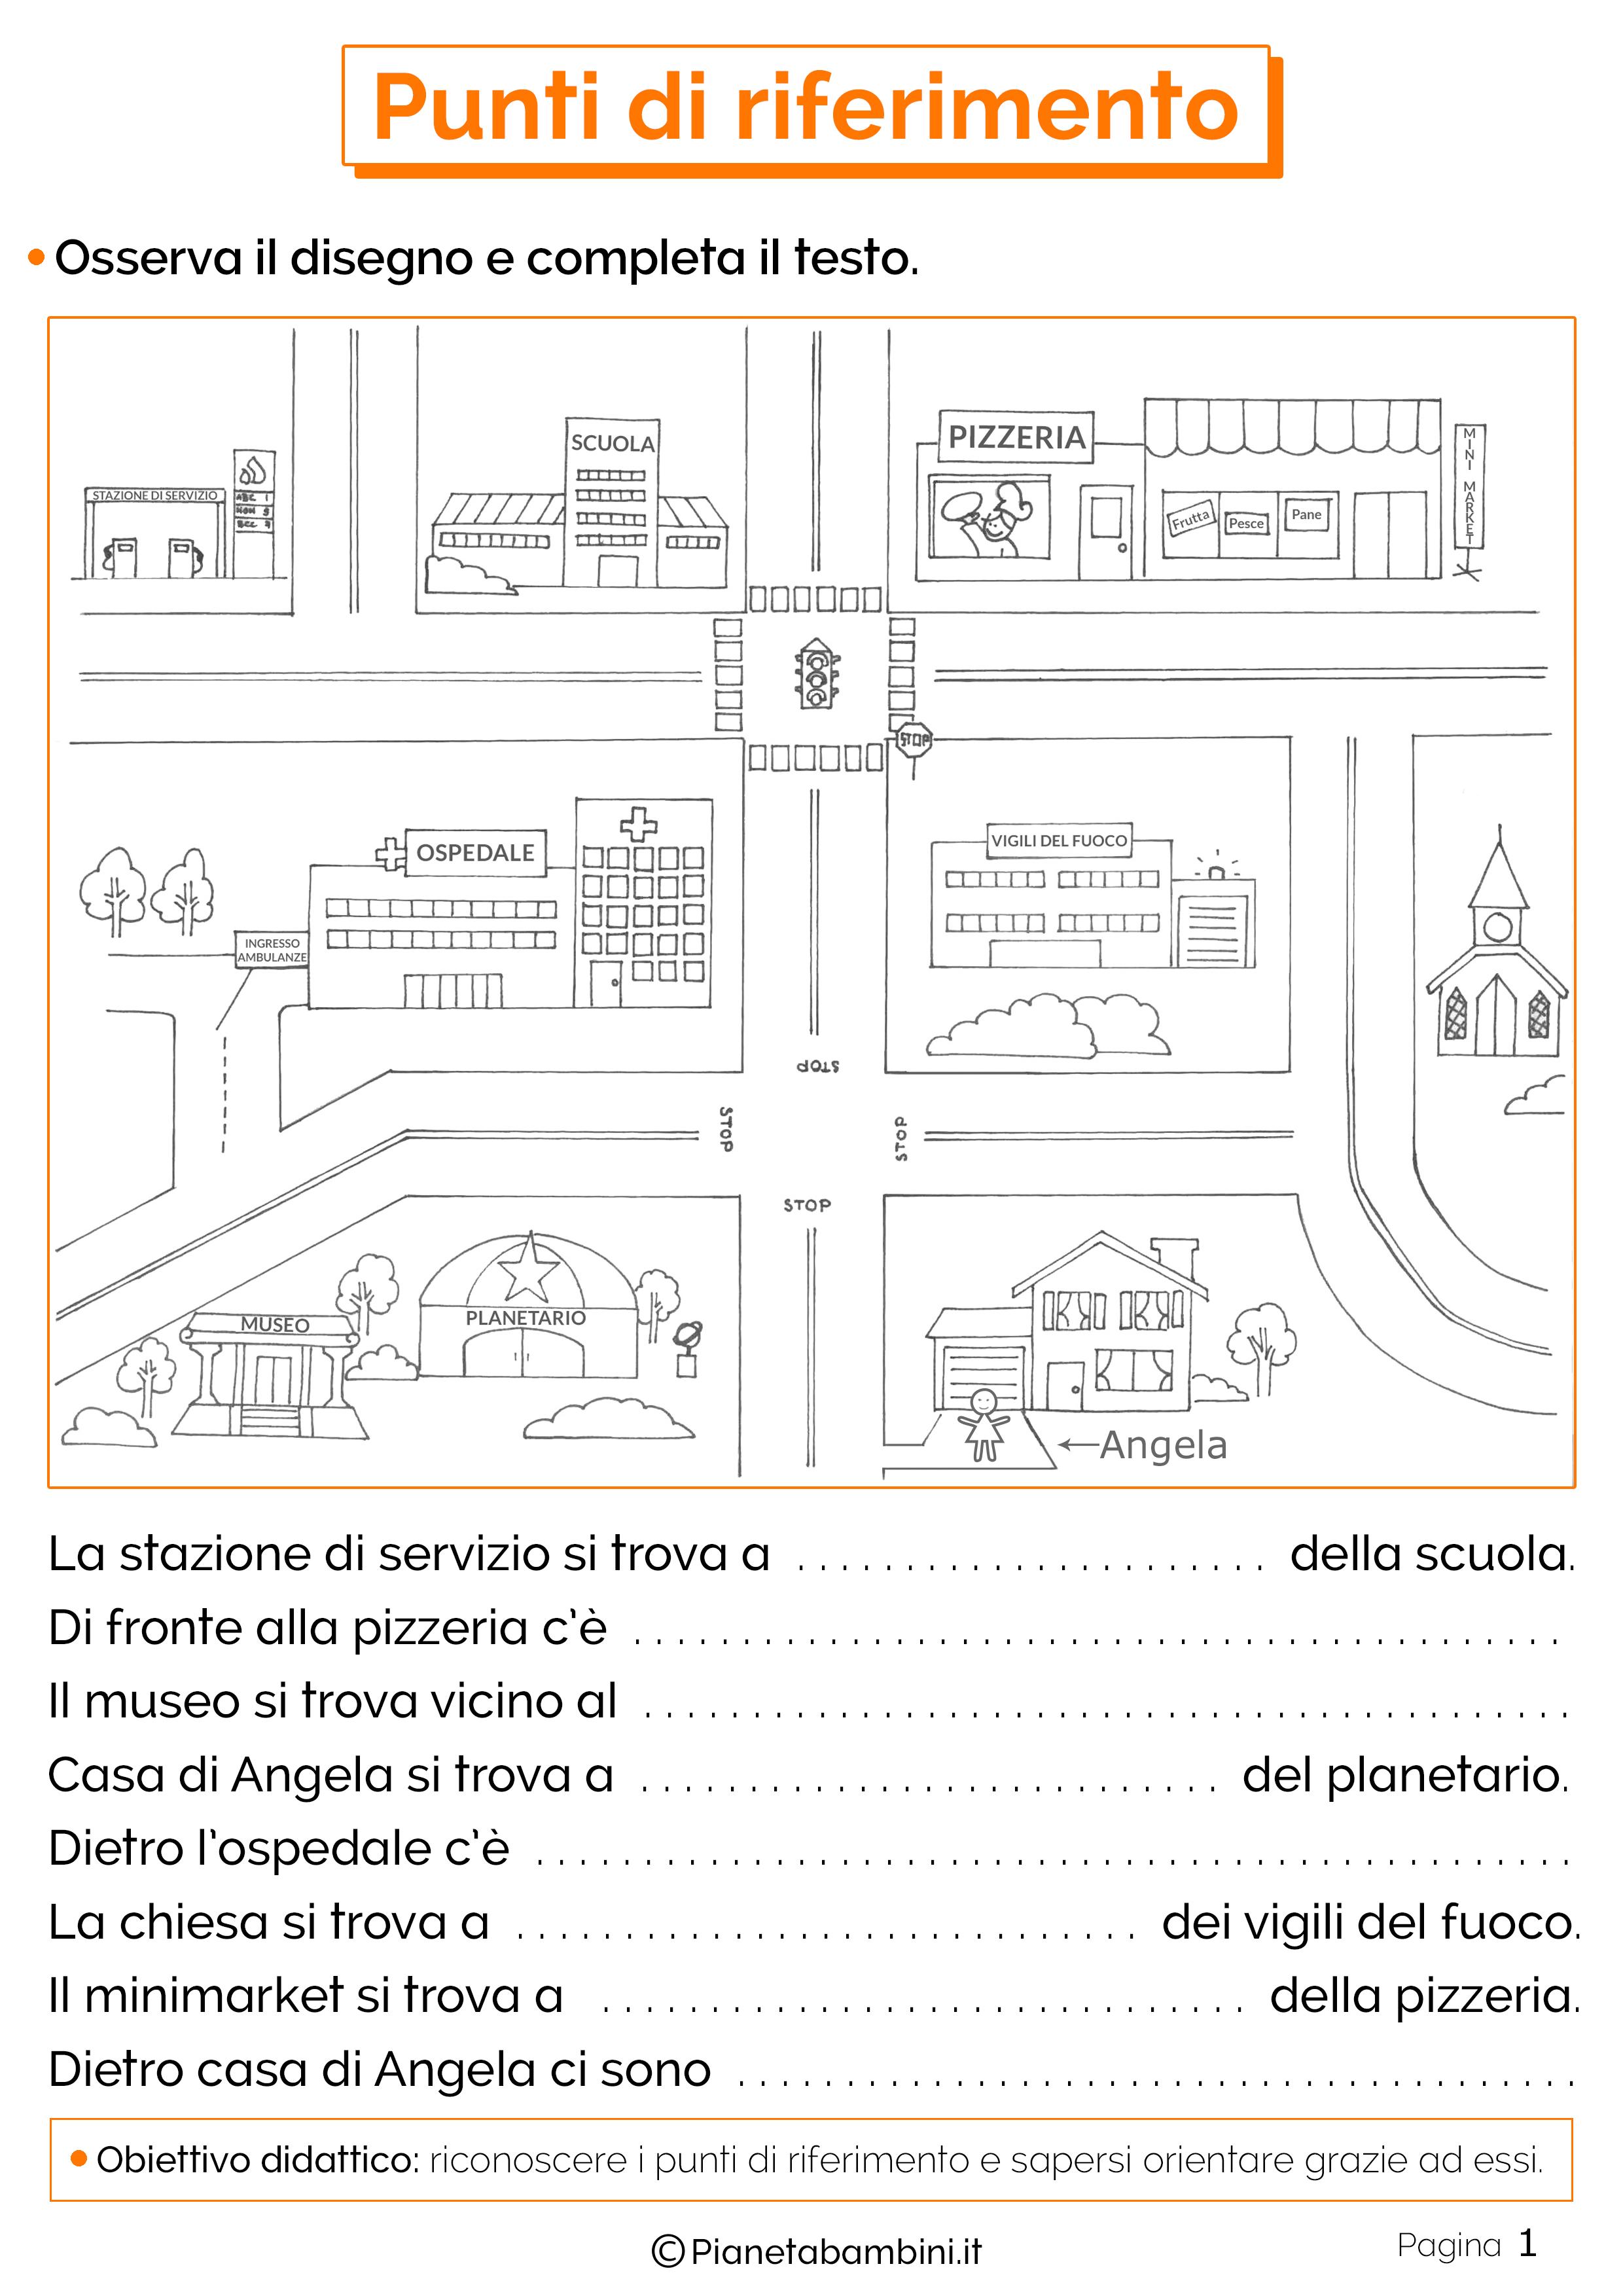 Esercizi sui punti di riferimento 1